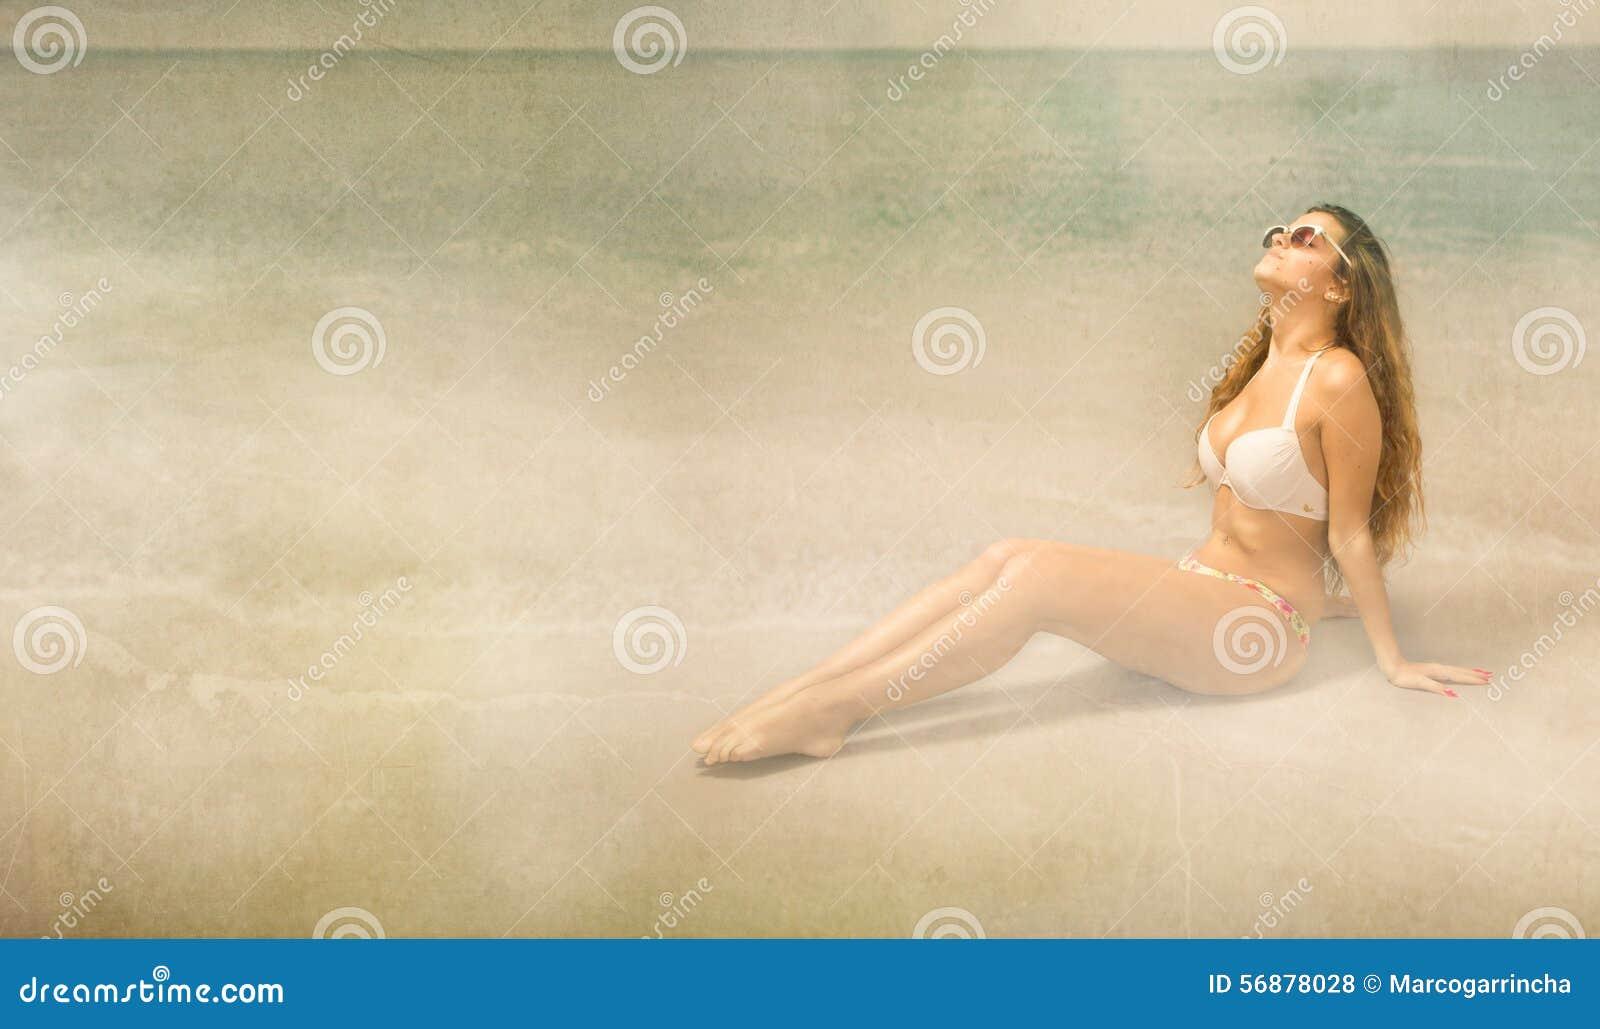 Ragazza che si abbronza sulla spiaggia